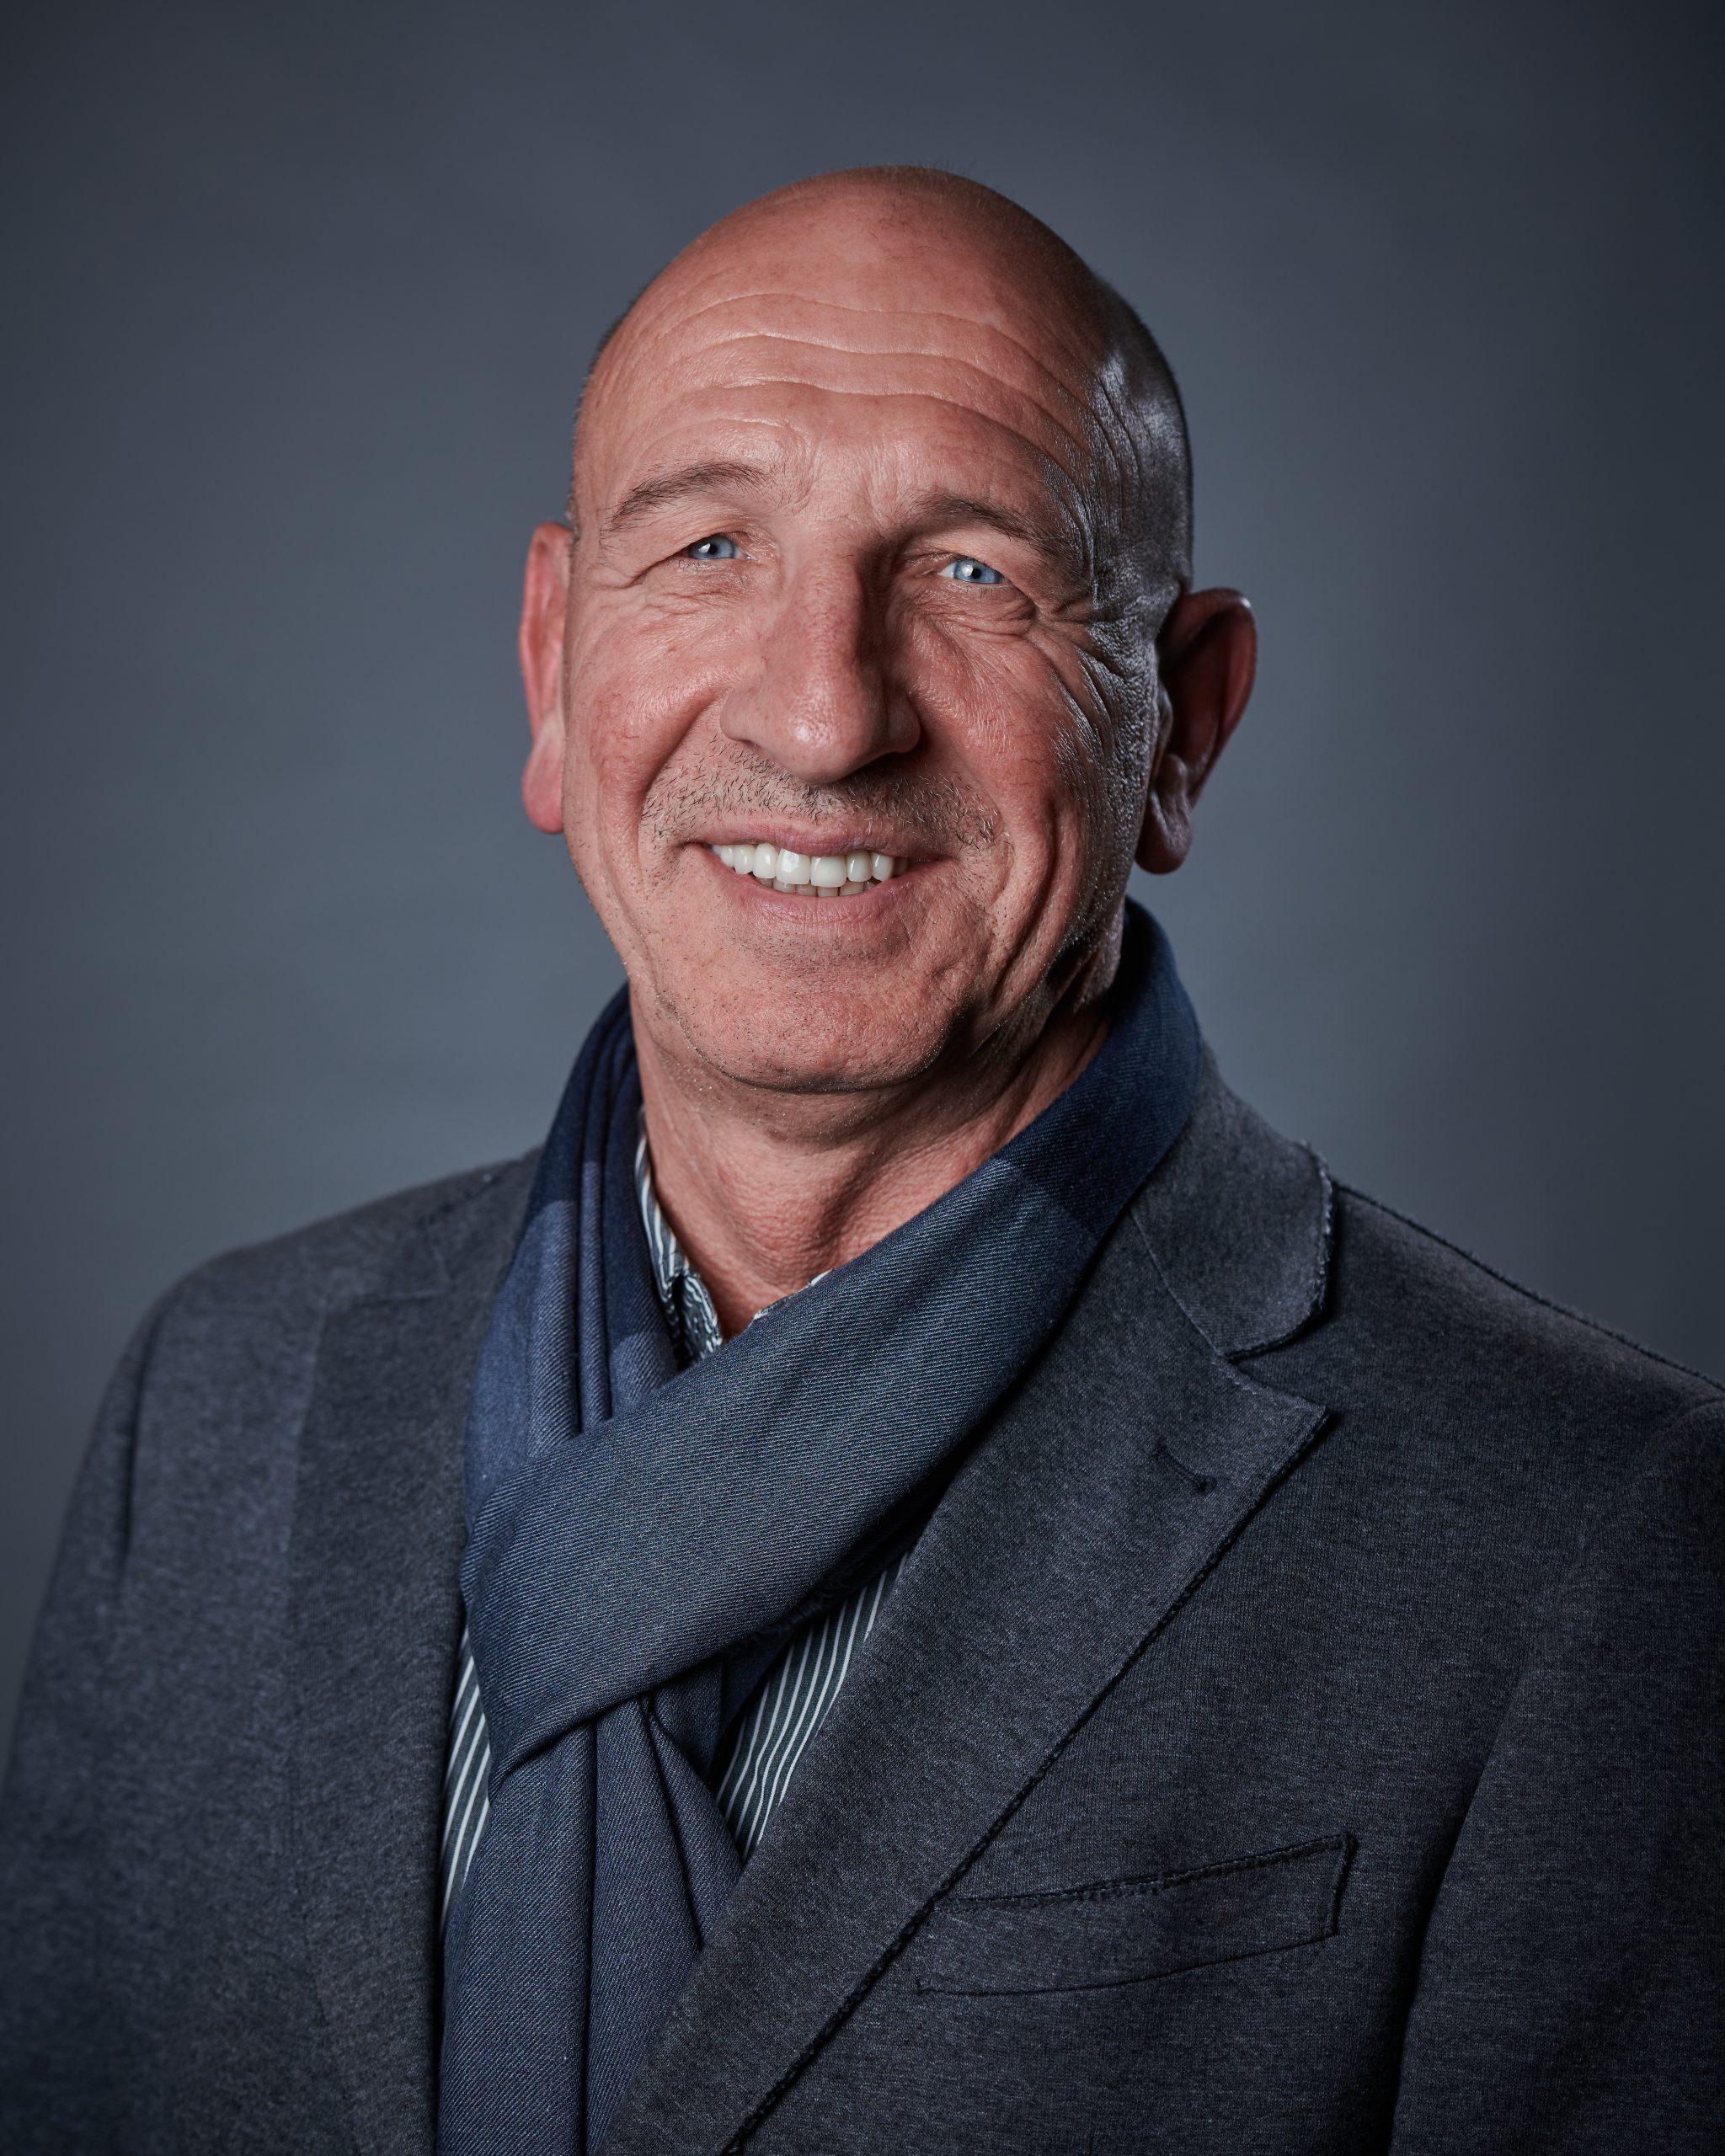 Jörg Niendorf